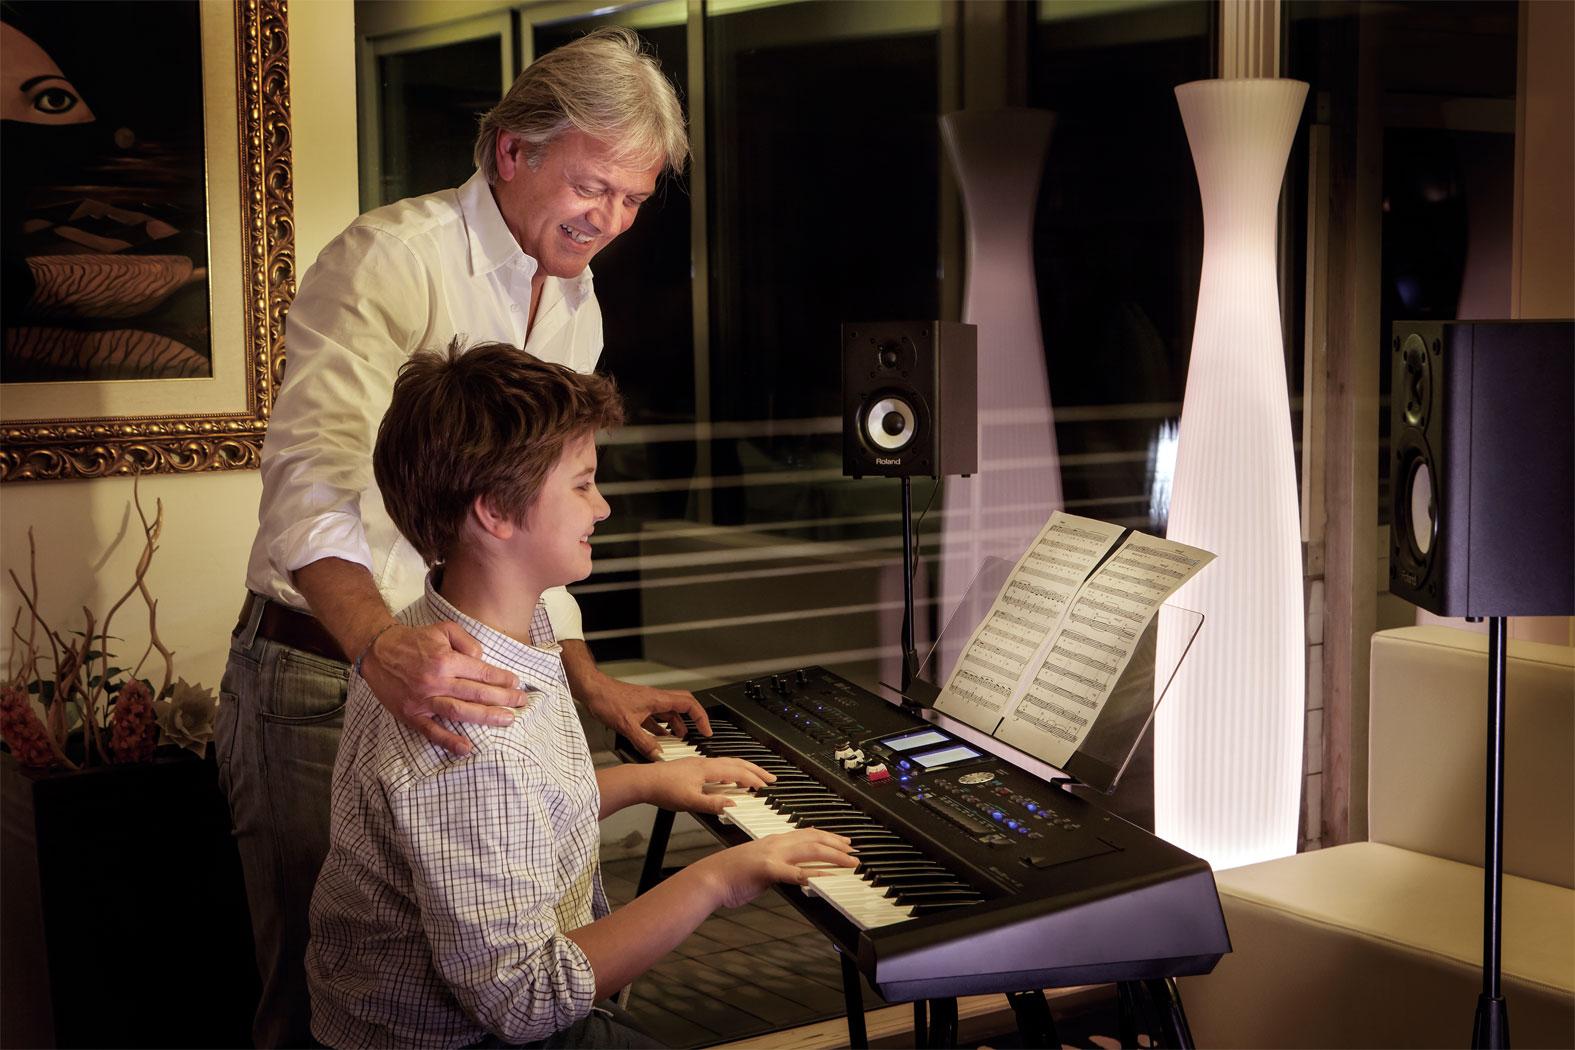 Đàn Organ Roland BK9 được trang bị 76 phím âm đàn âm thanh chất lượng cao và trọng lượng siêu nhẹ chỉ 9,4kg giúp dễ dàng mang theo bất cứ nơi nào bạn muốn chơi